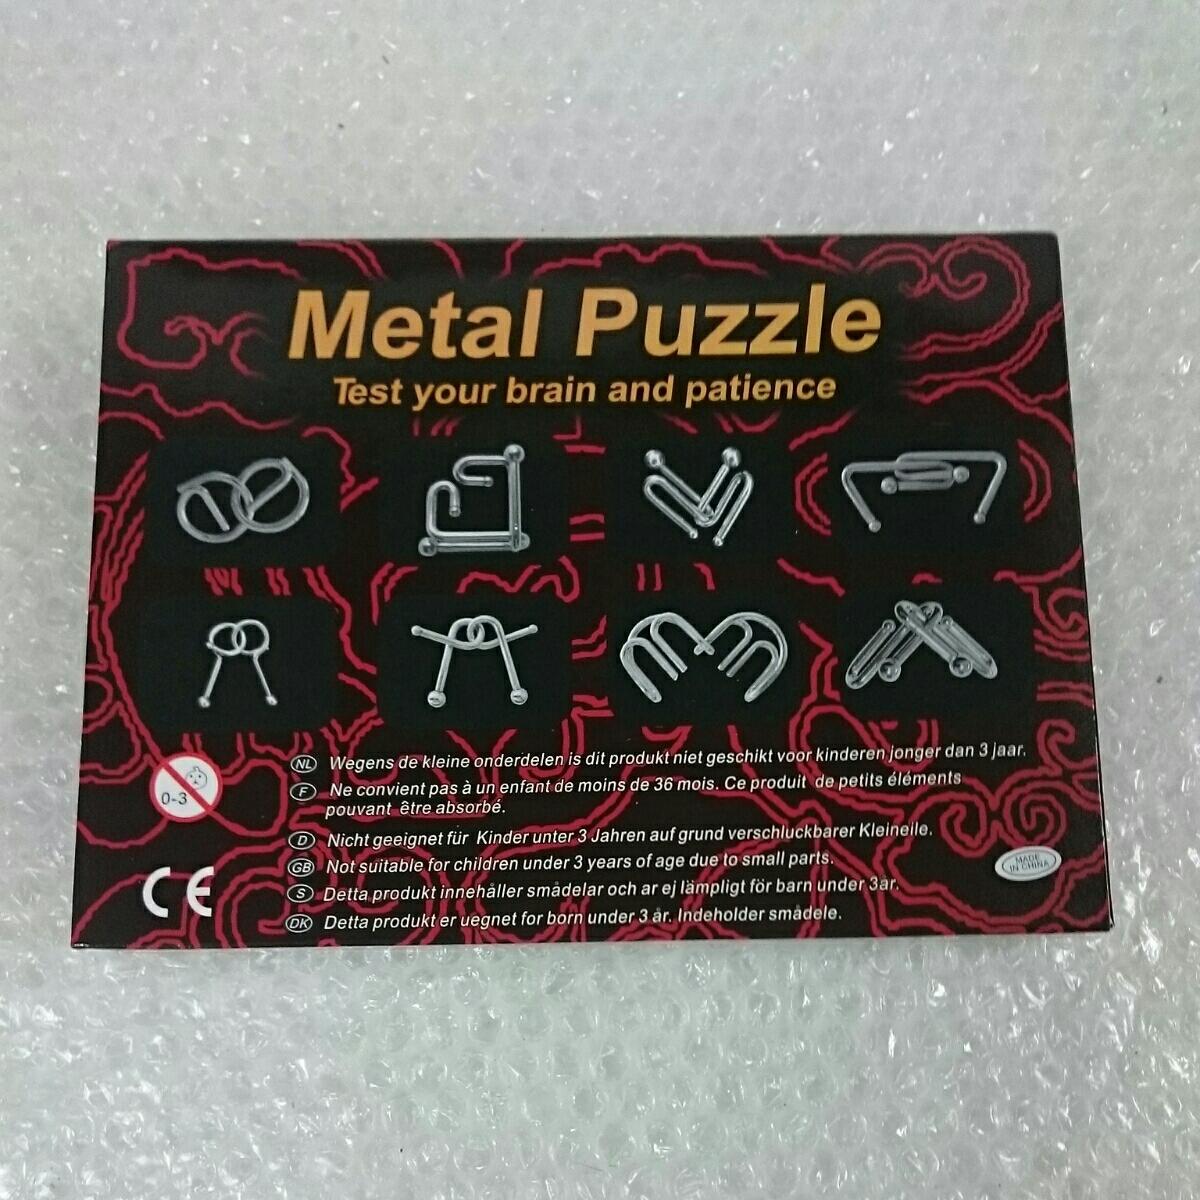 メタルパズル 知恵の輪 4種 プレゼントに☆⑩_画像2